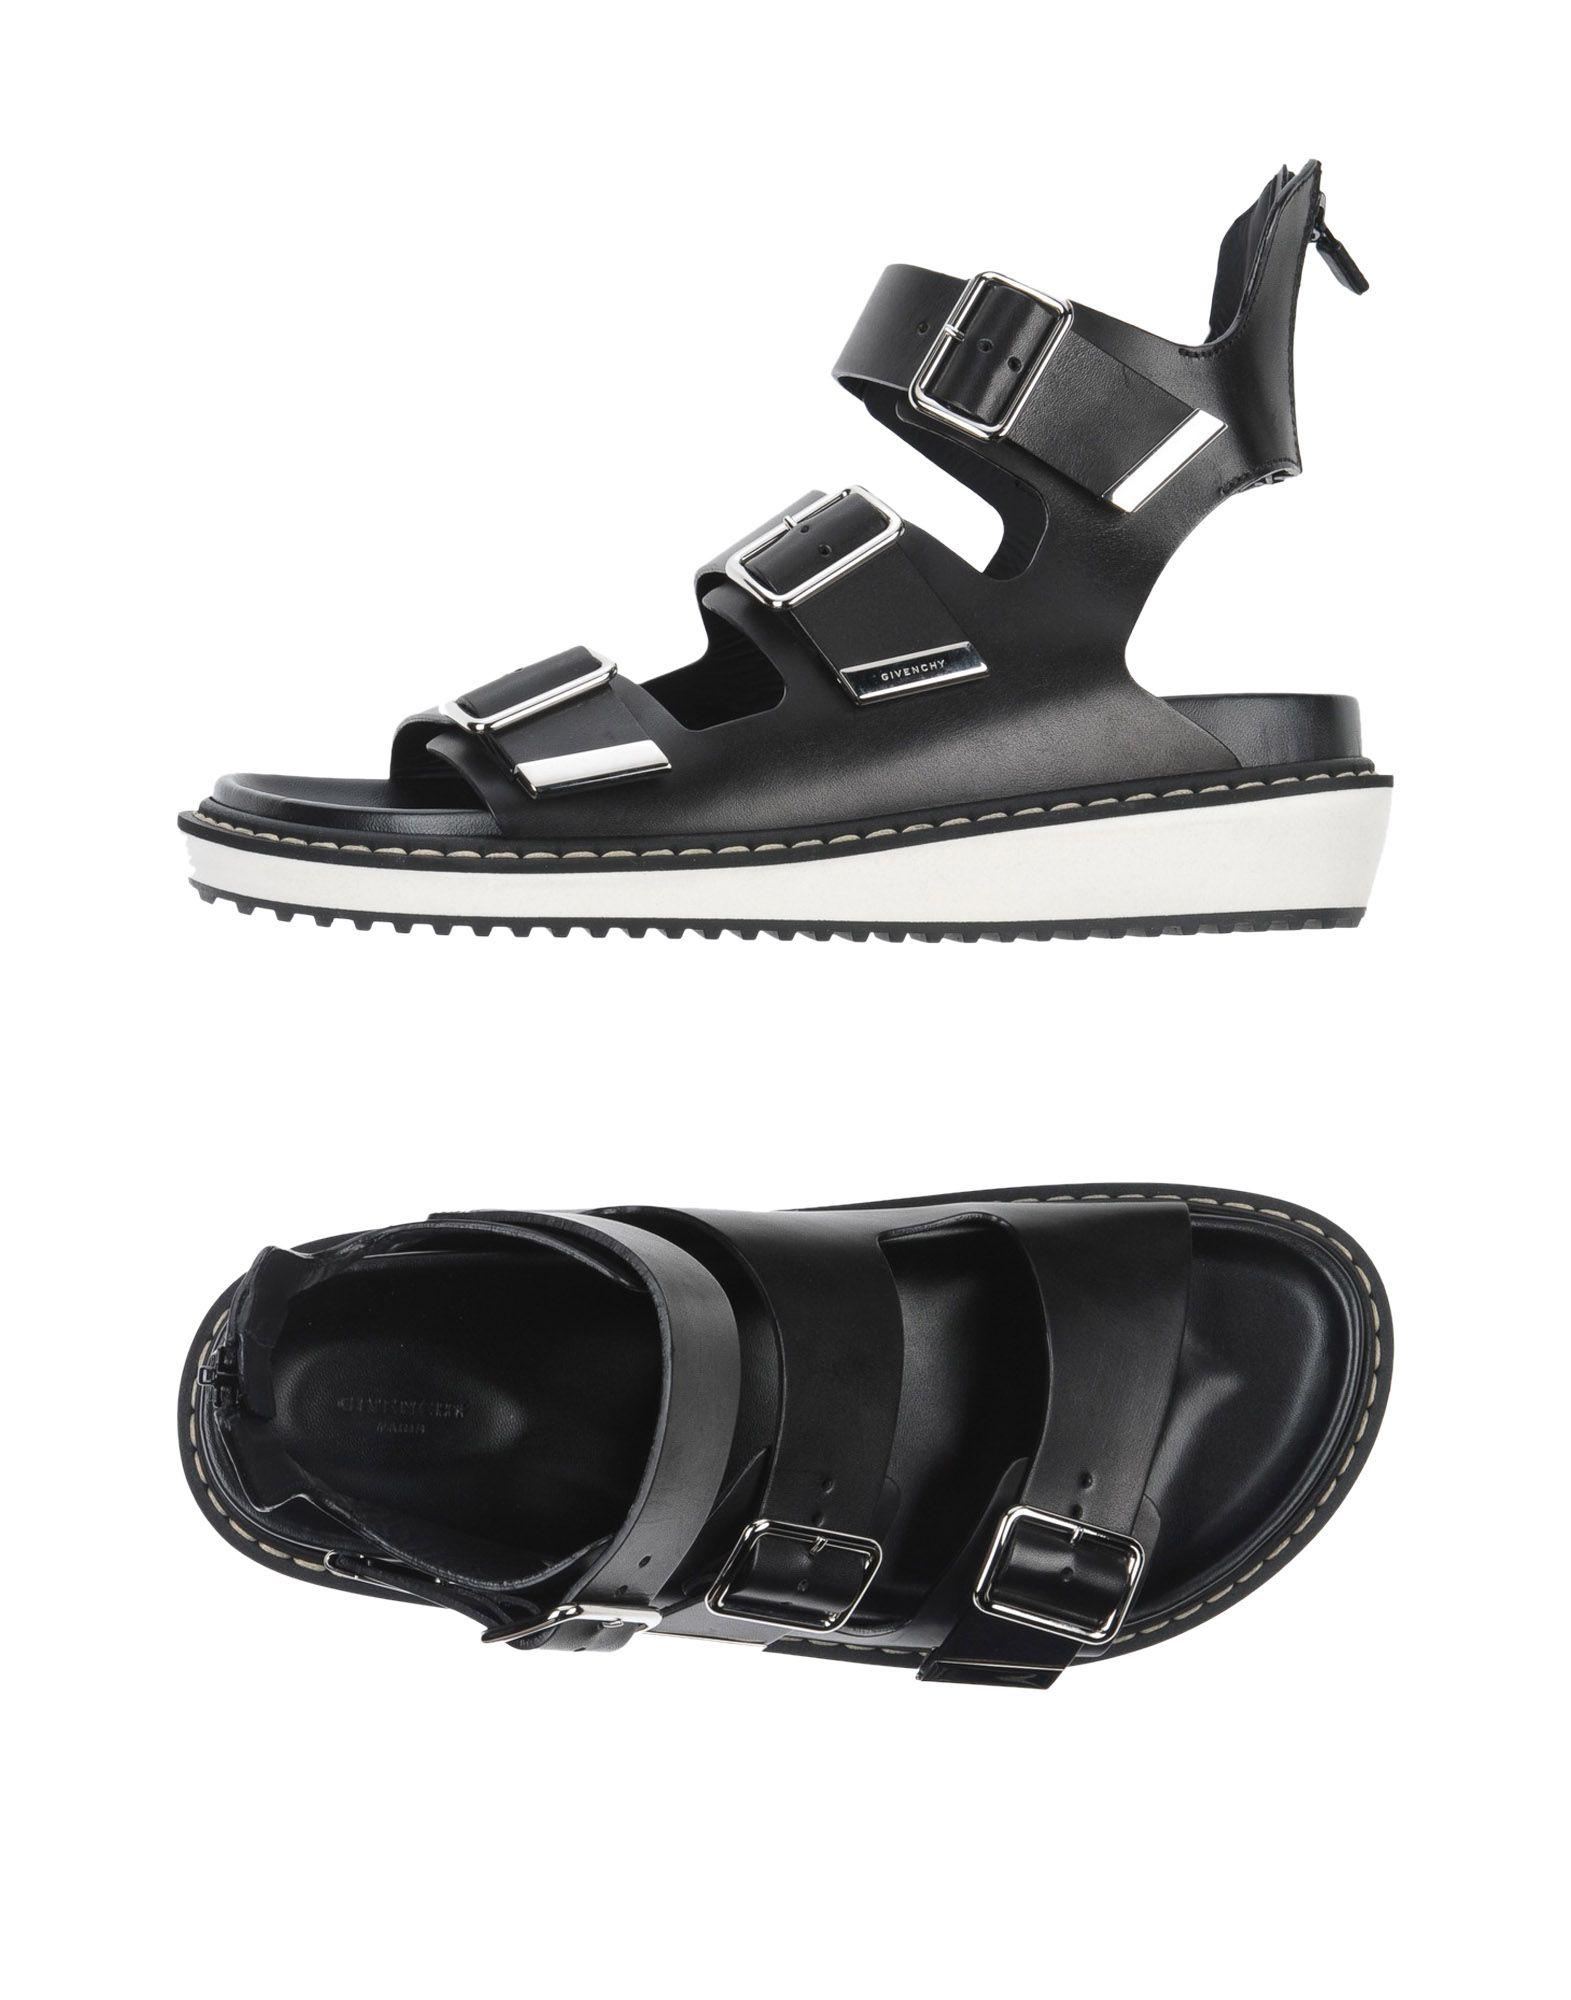 Scarpe Sandali economiche e resistenti Moda Sandali Scarpe Givenchy Uomo aecce1